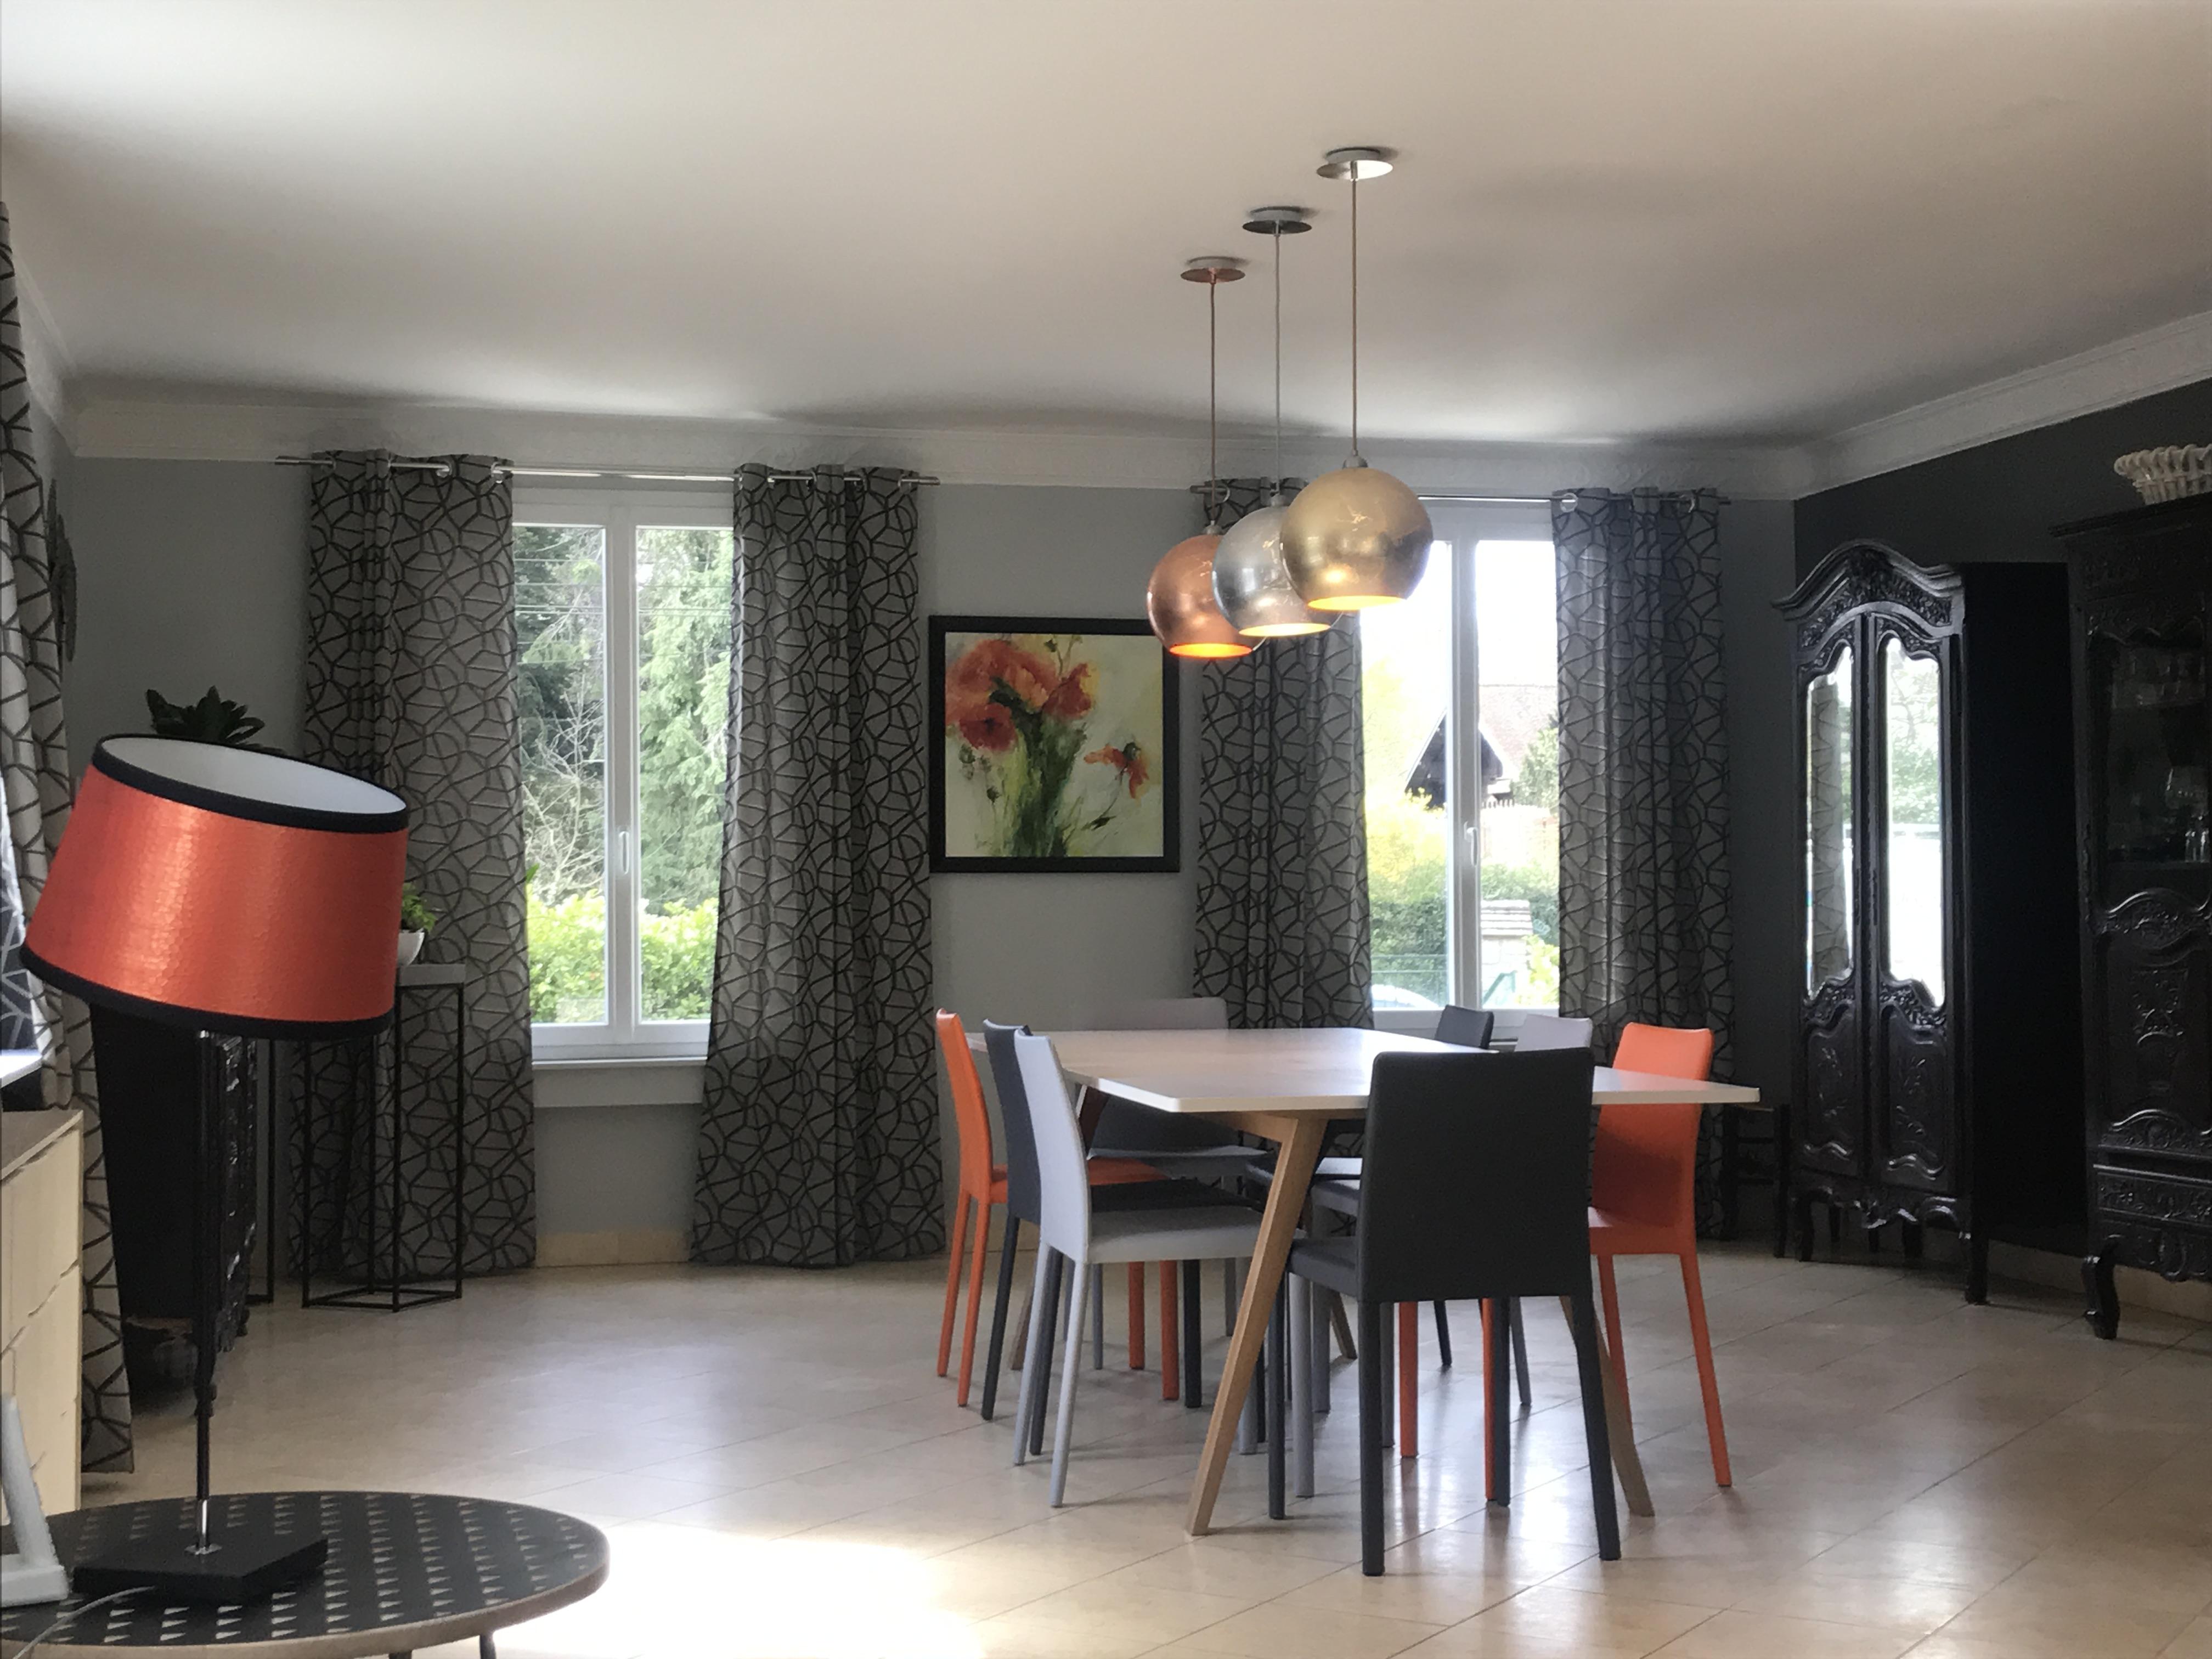 Rideaux Pour Salle A Manger Moderne salle à manger moderne avec chaises en cuir et rideaux gris